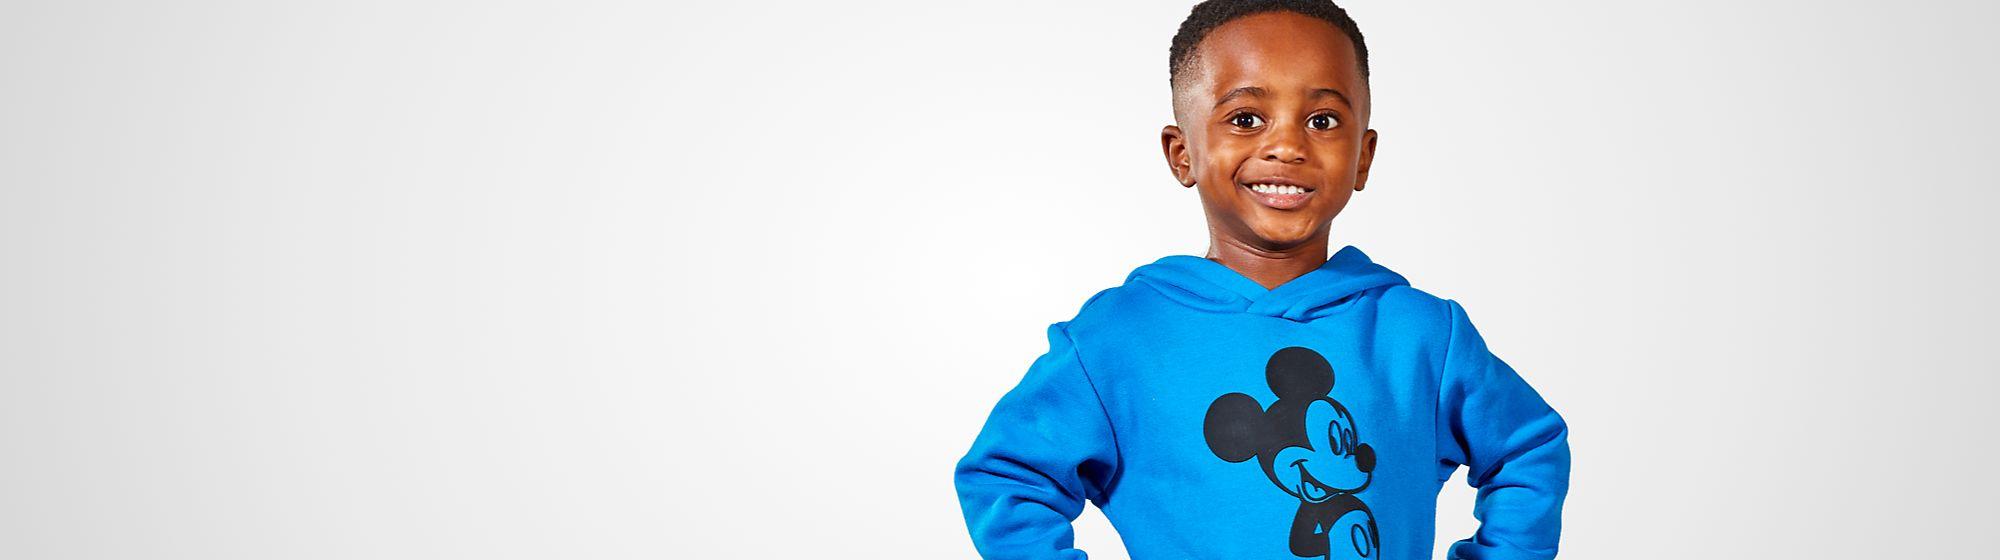 Sudaderas y jerséis para niños Encuentra ahora las sudaderas y jerséis más divertidos para niños con sus personajes favoritos.